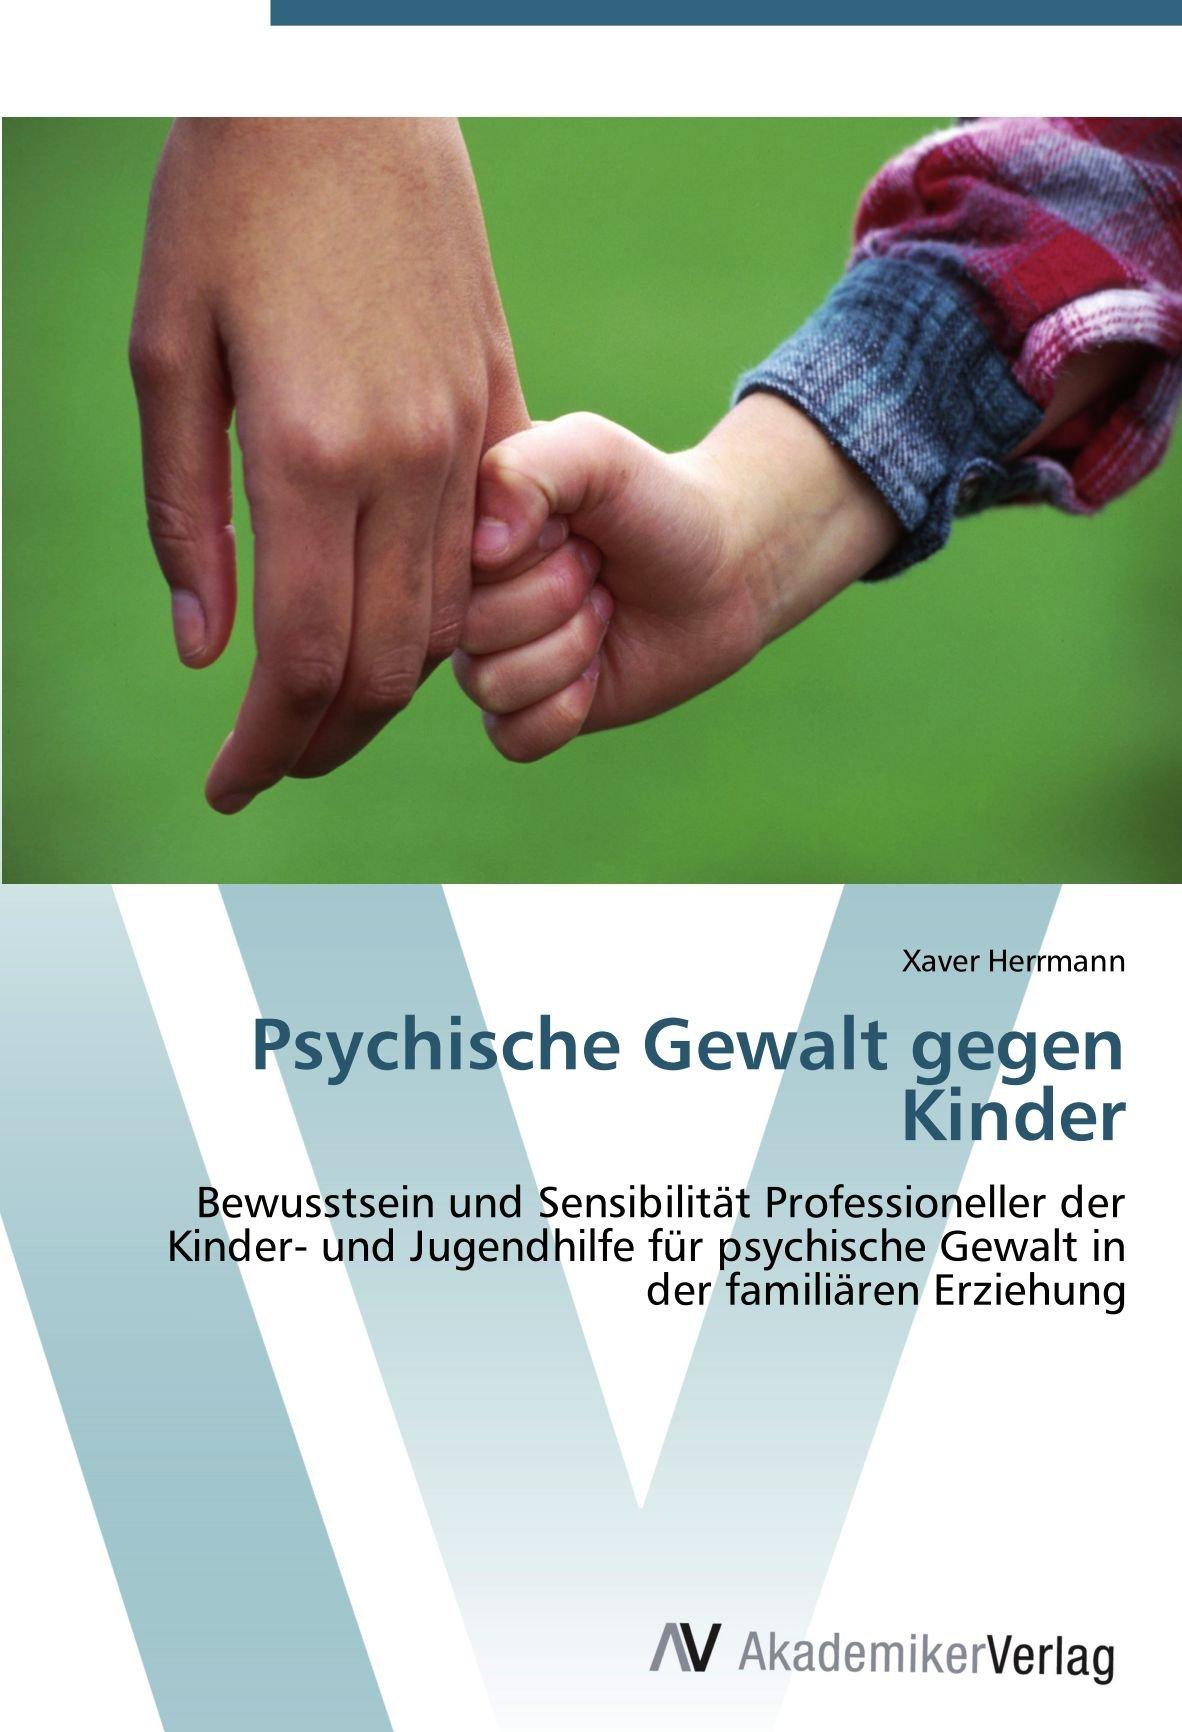 Psychische Gewalt gegen Kinder: Bewusstsein und Sensibilität Professioneller der Kinder- und Jugendhilfe für psychische Gewalt in der familiären Erziehung (German Edition) PDF